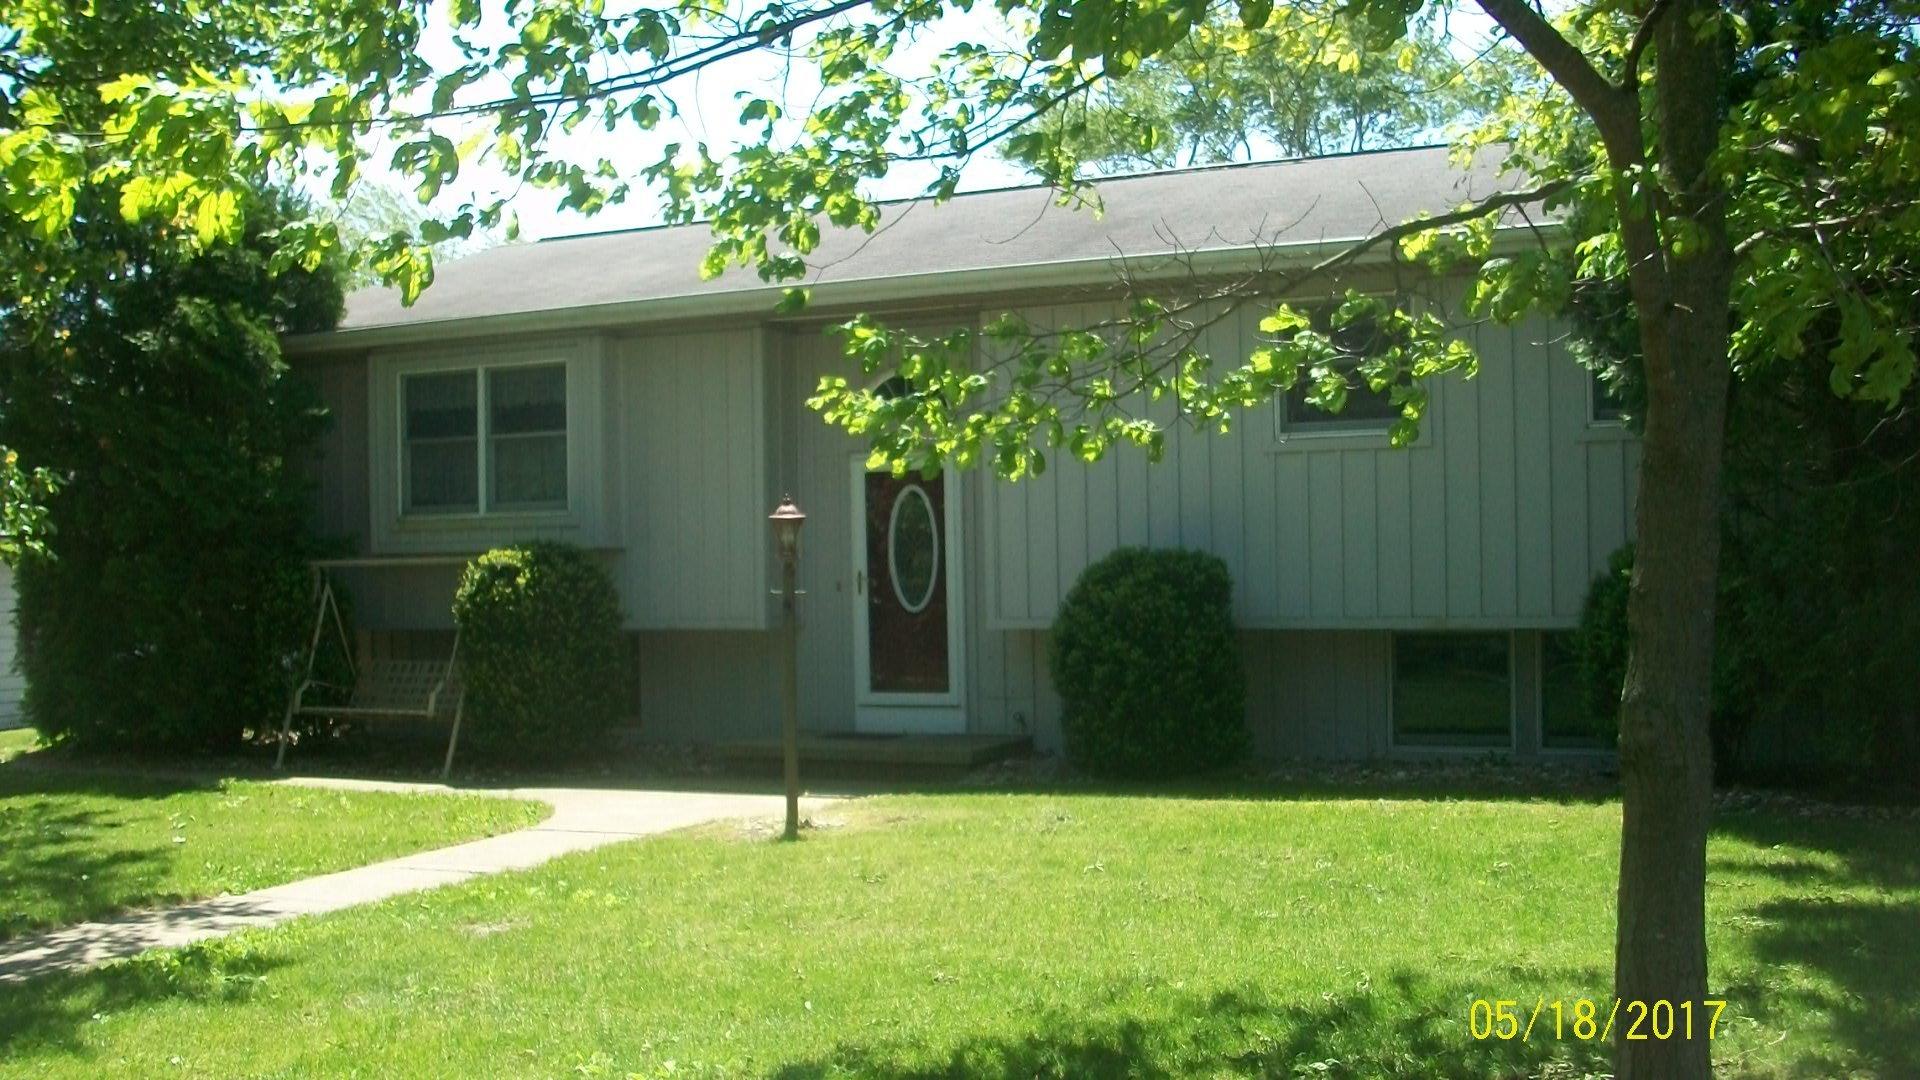 42757 N 1900 East Road, Hoopeston, IL 60942